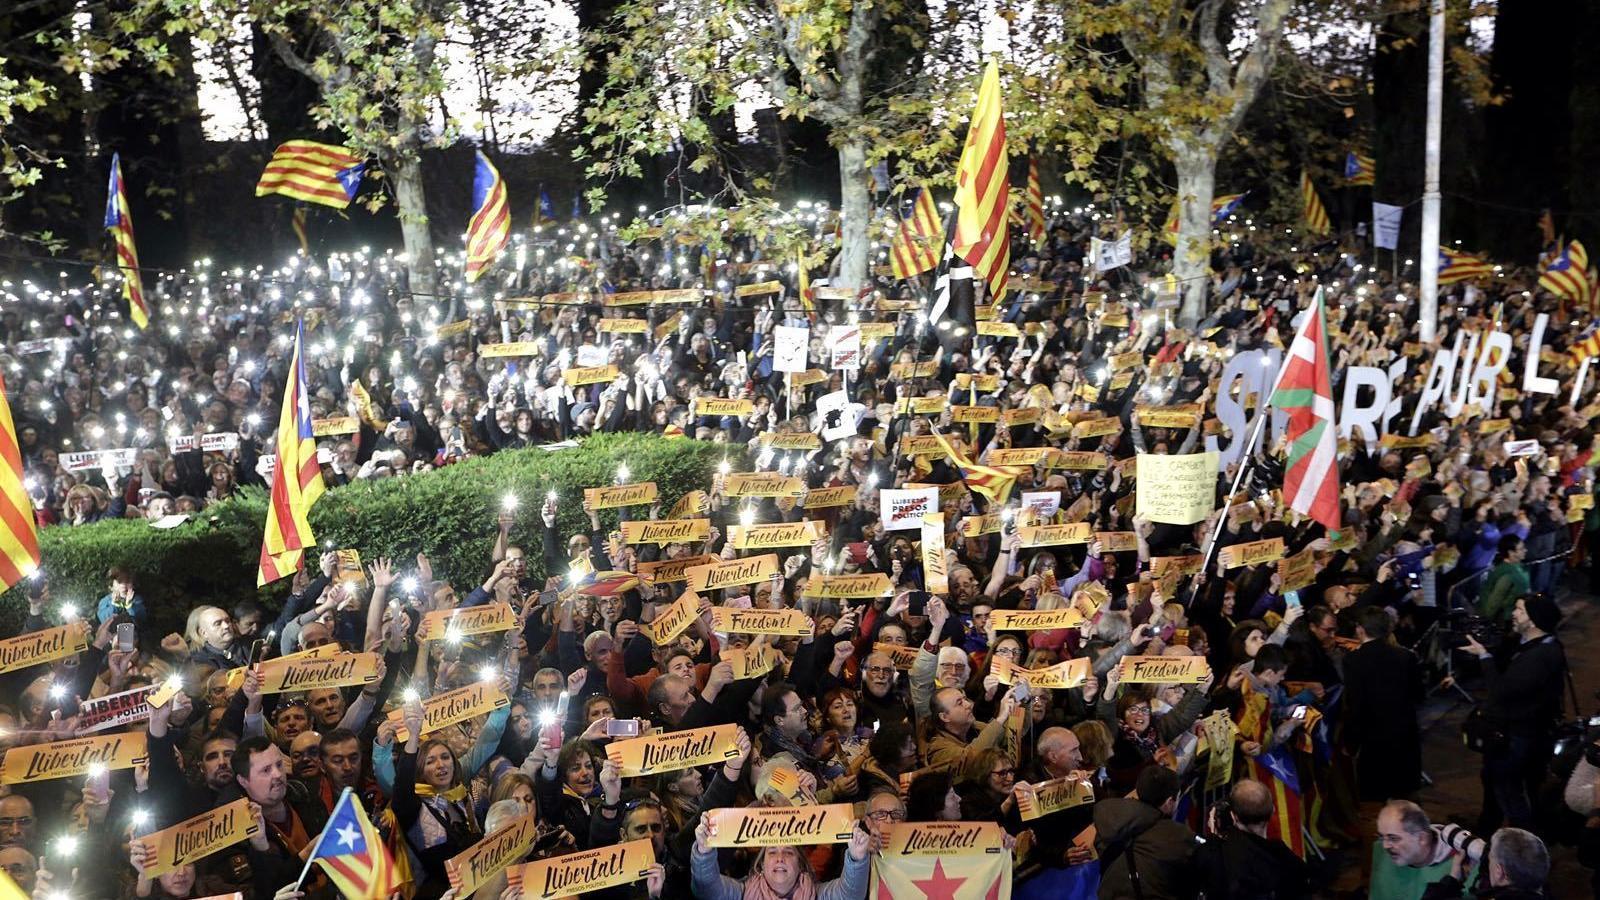 Los manifestantes, con los móviles encendidos y las pancartas pidiendo libertad / MANOLO GARCÍA